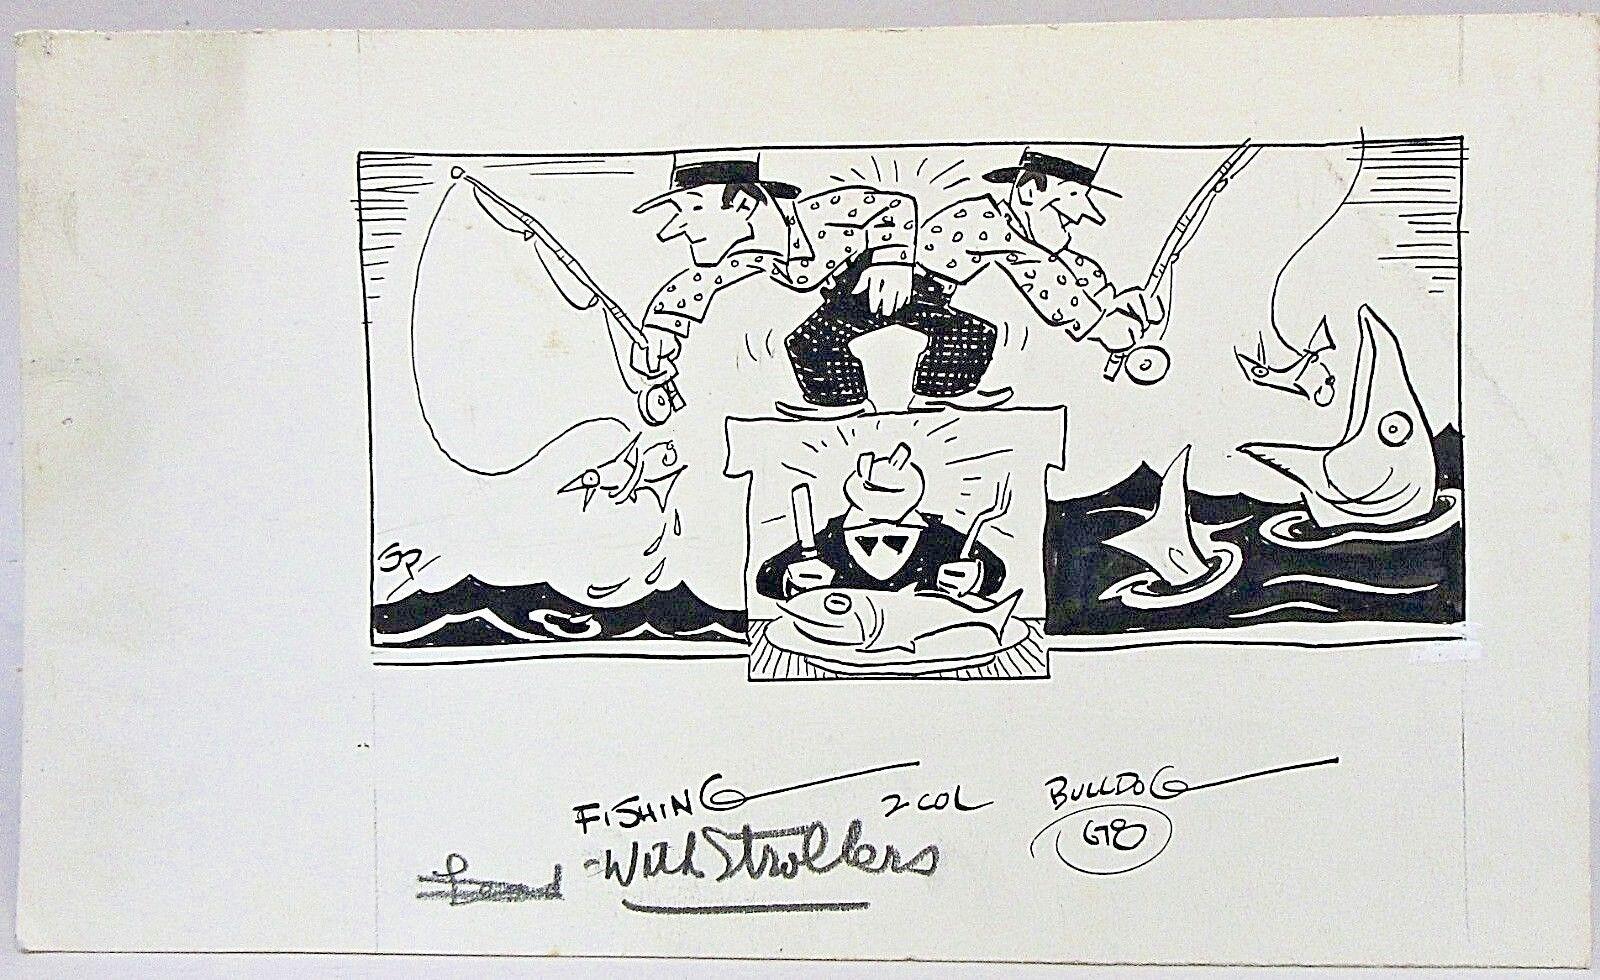 1920's - 1930's FISHING WITH STROLLERS original art Stuart Pratt Pratt Pratt SEATTLE TIMES a67eca